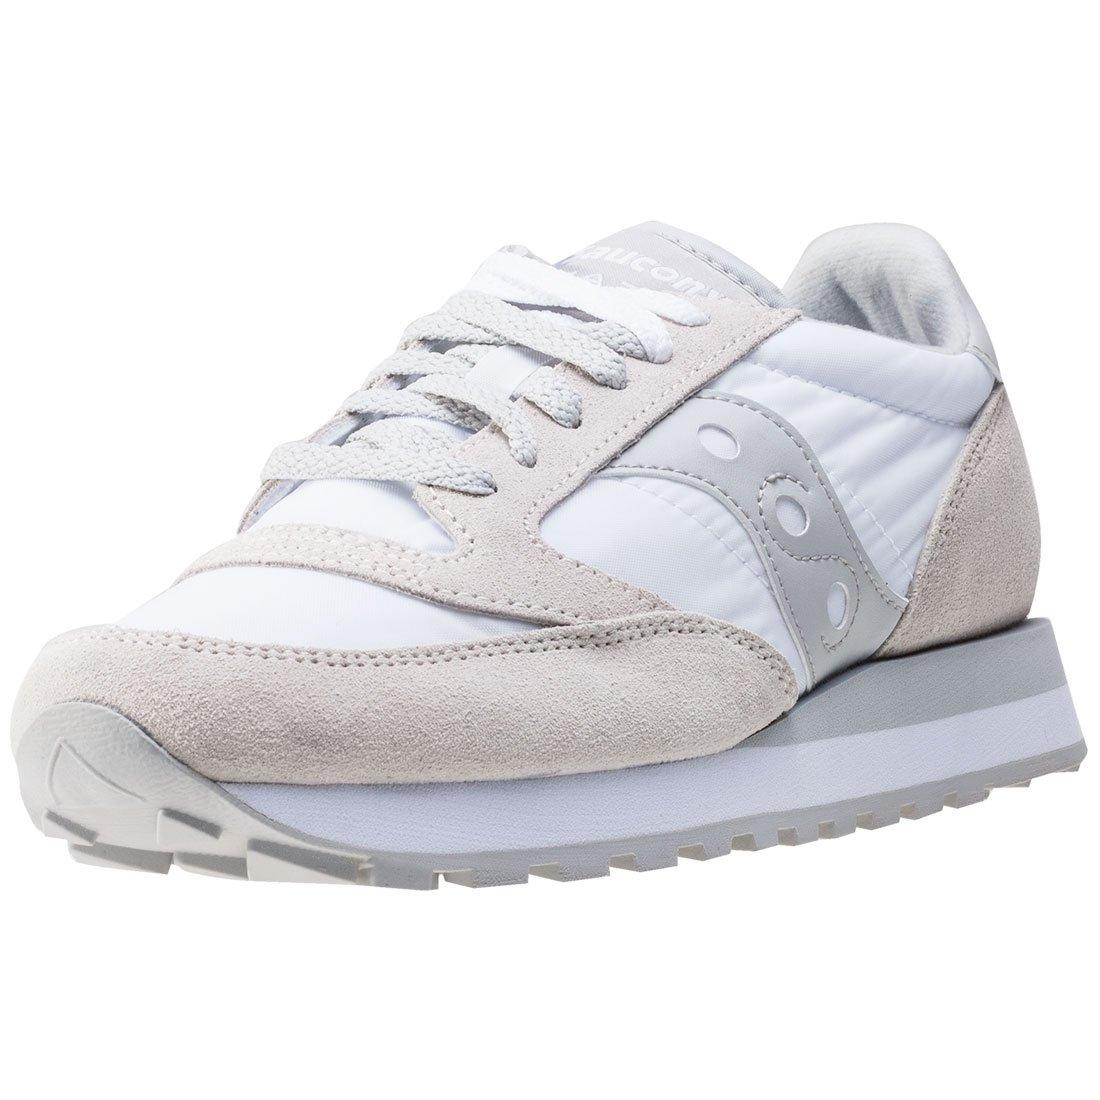 Saucony Jazz Original, Zapatillas 39|396 Venta de calzado deportivo de moda en línea